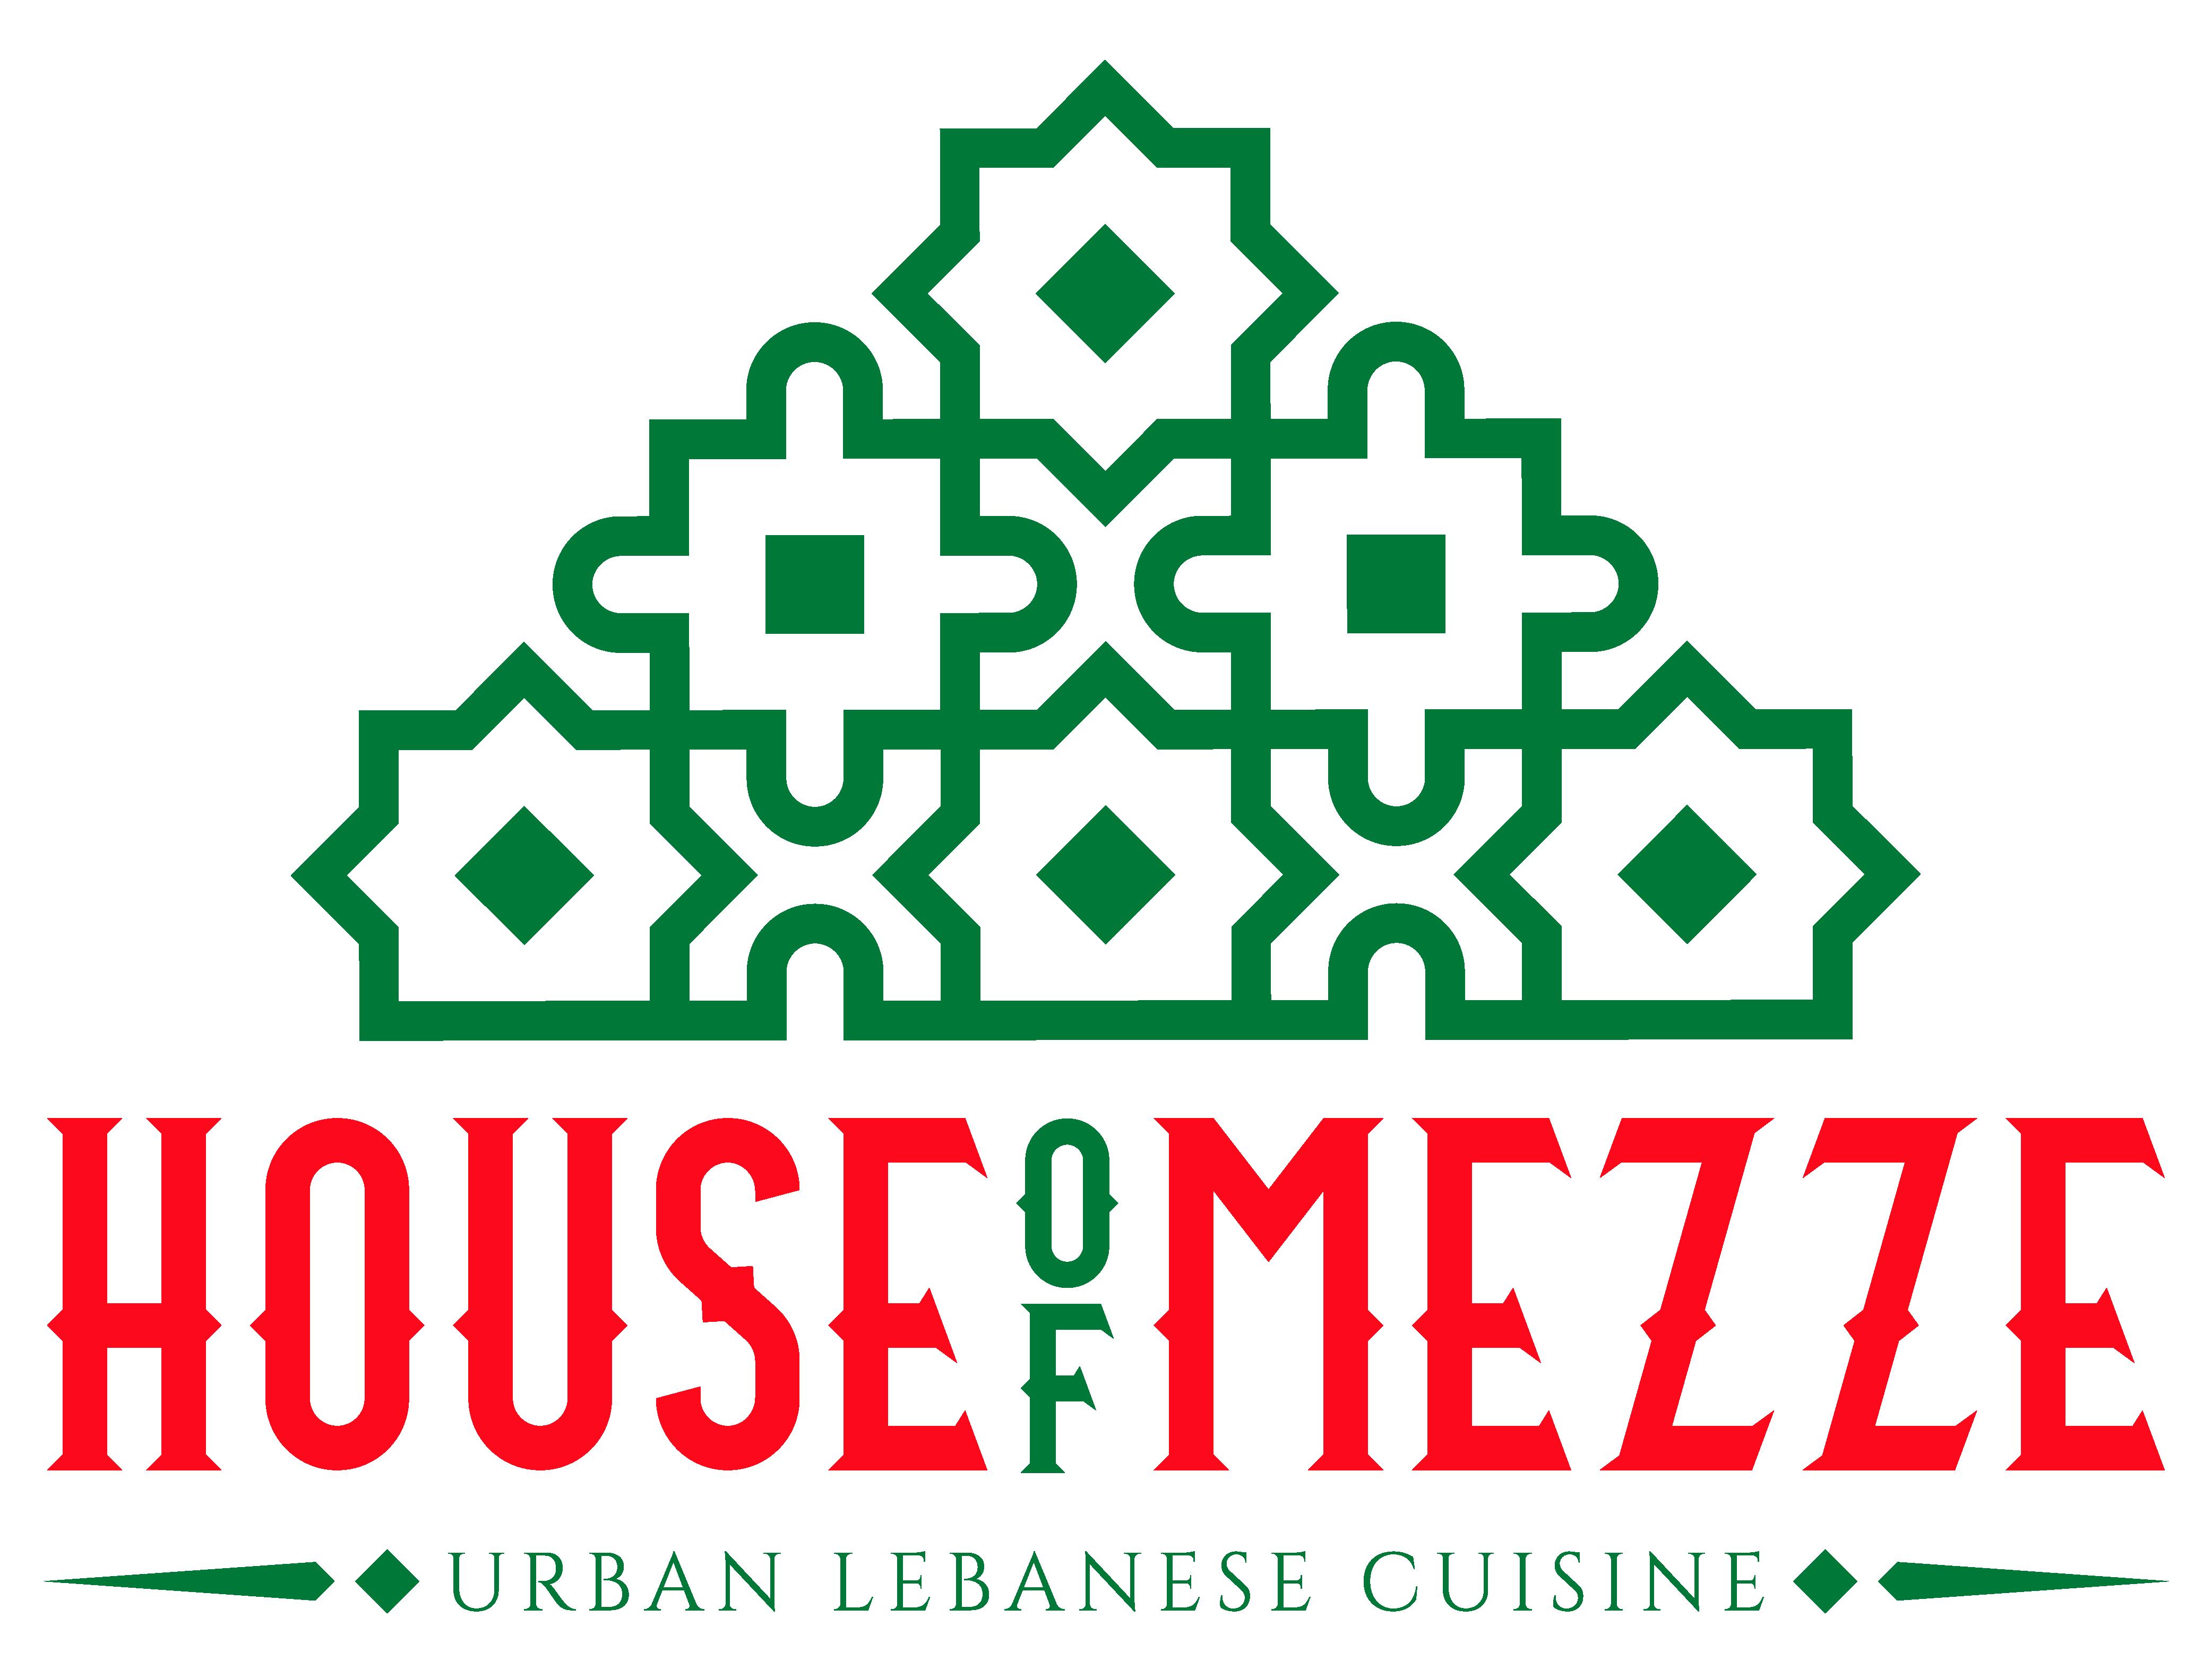 House of Mezze